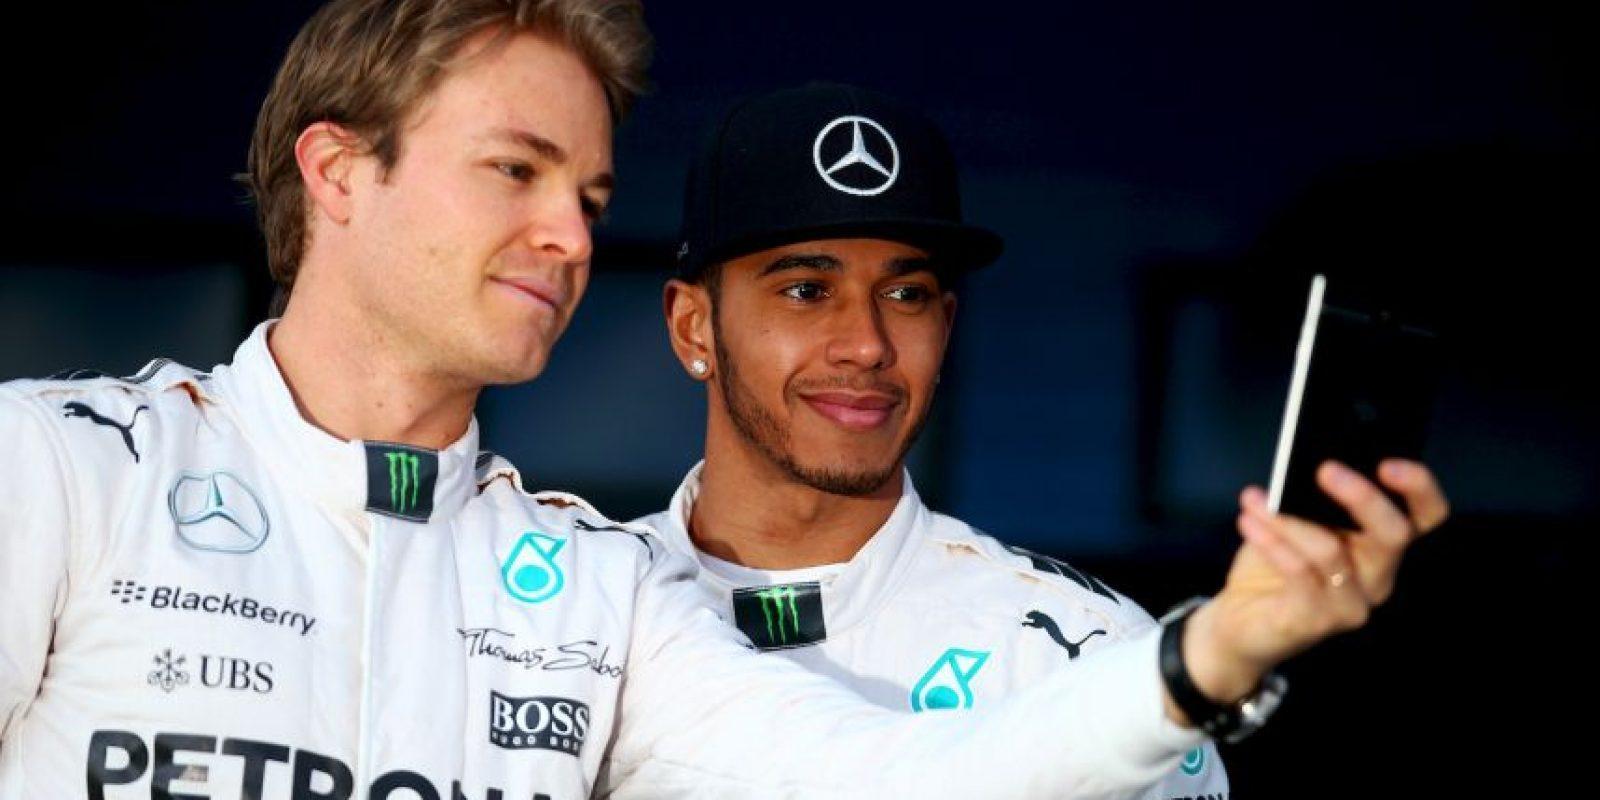 """Desde 2013, ambos pilotos luchan por ser el mejor del mundo, lo que los llevó a diversos enfrentamientos durante las carreras y fuera de ellas. Dentro del equipo de Mercedes se sabe que """"no se soportan"""". Foto:Getty Images"""